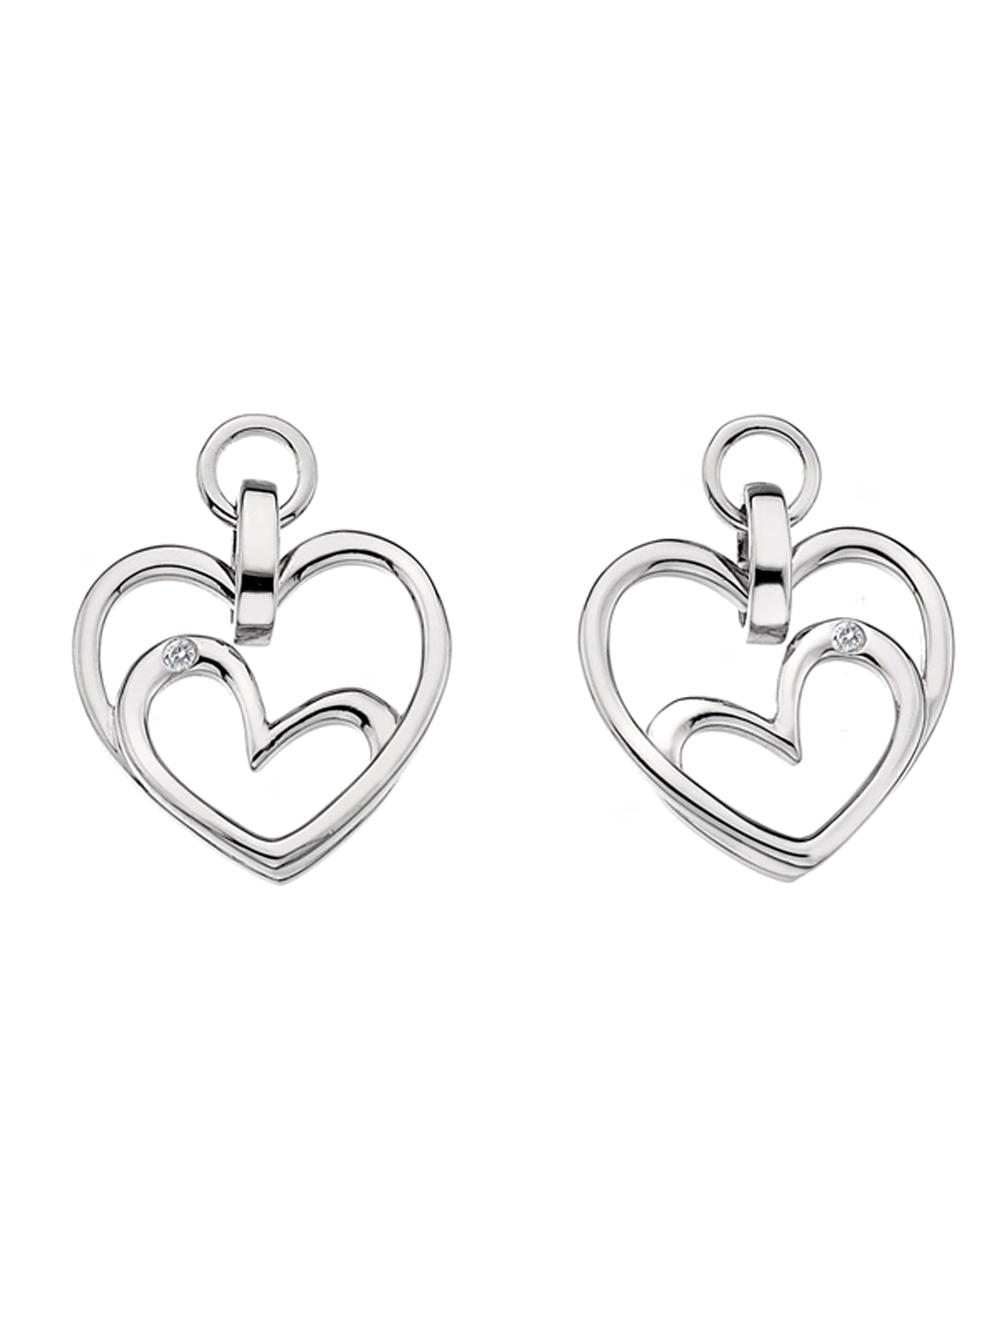 Купить со скидкой Серебряные серьги Hot Diamonds c бриллиантами DE344